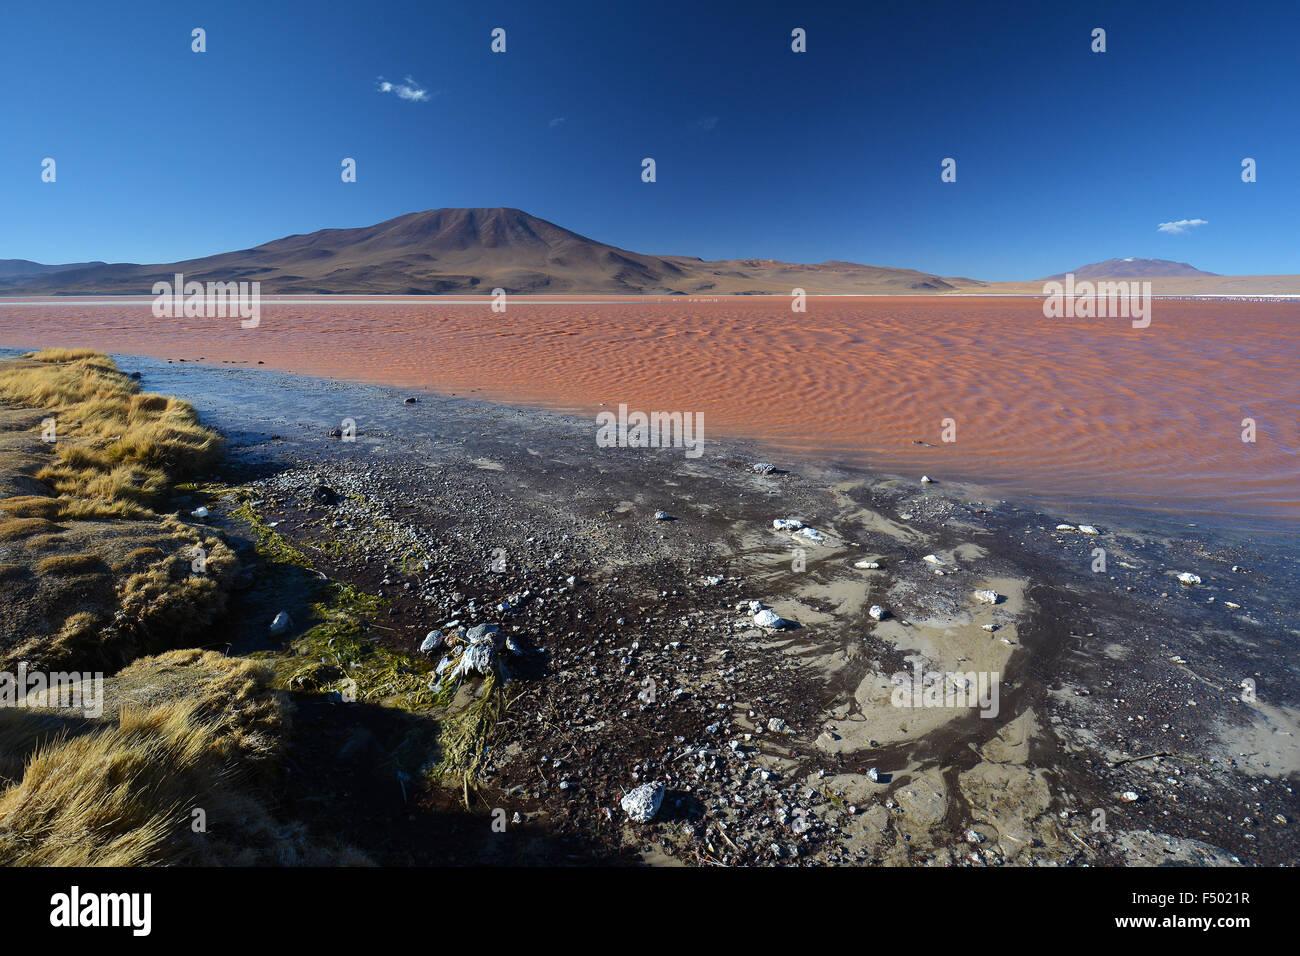 La laguna colorada con agua roja causada por el alto contenido de algas, en Uyuni, lipez, bolivia Imagen De Stock